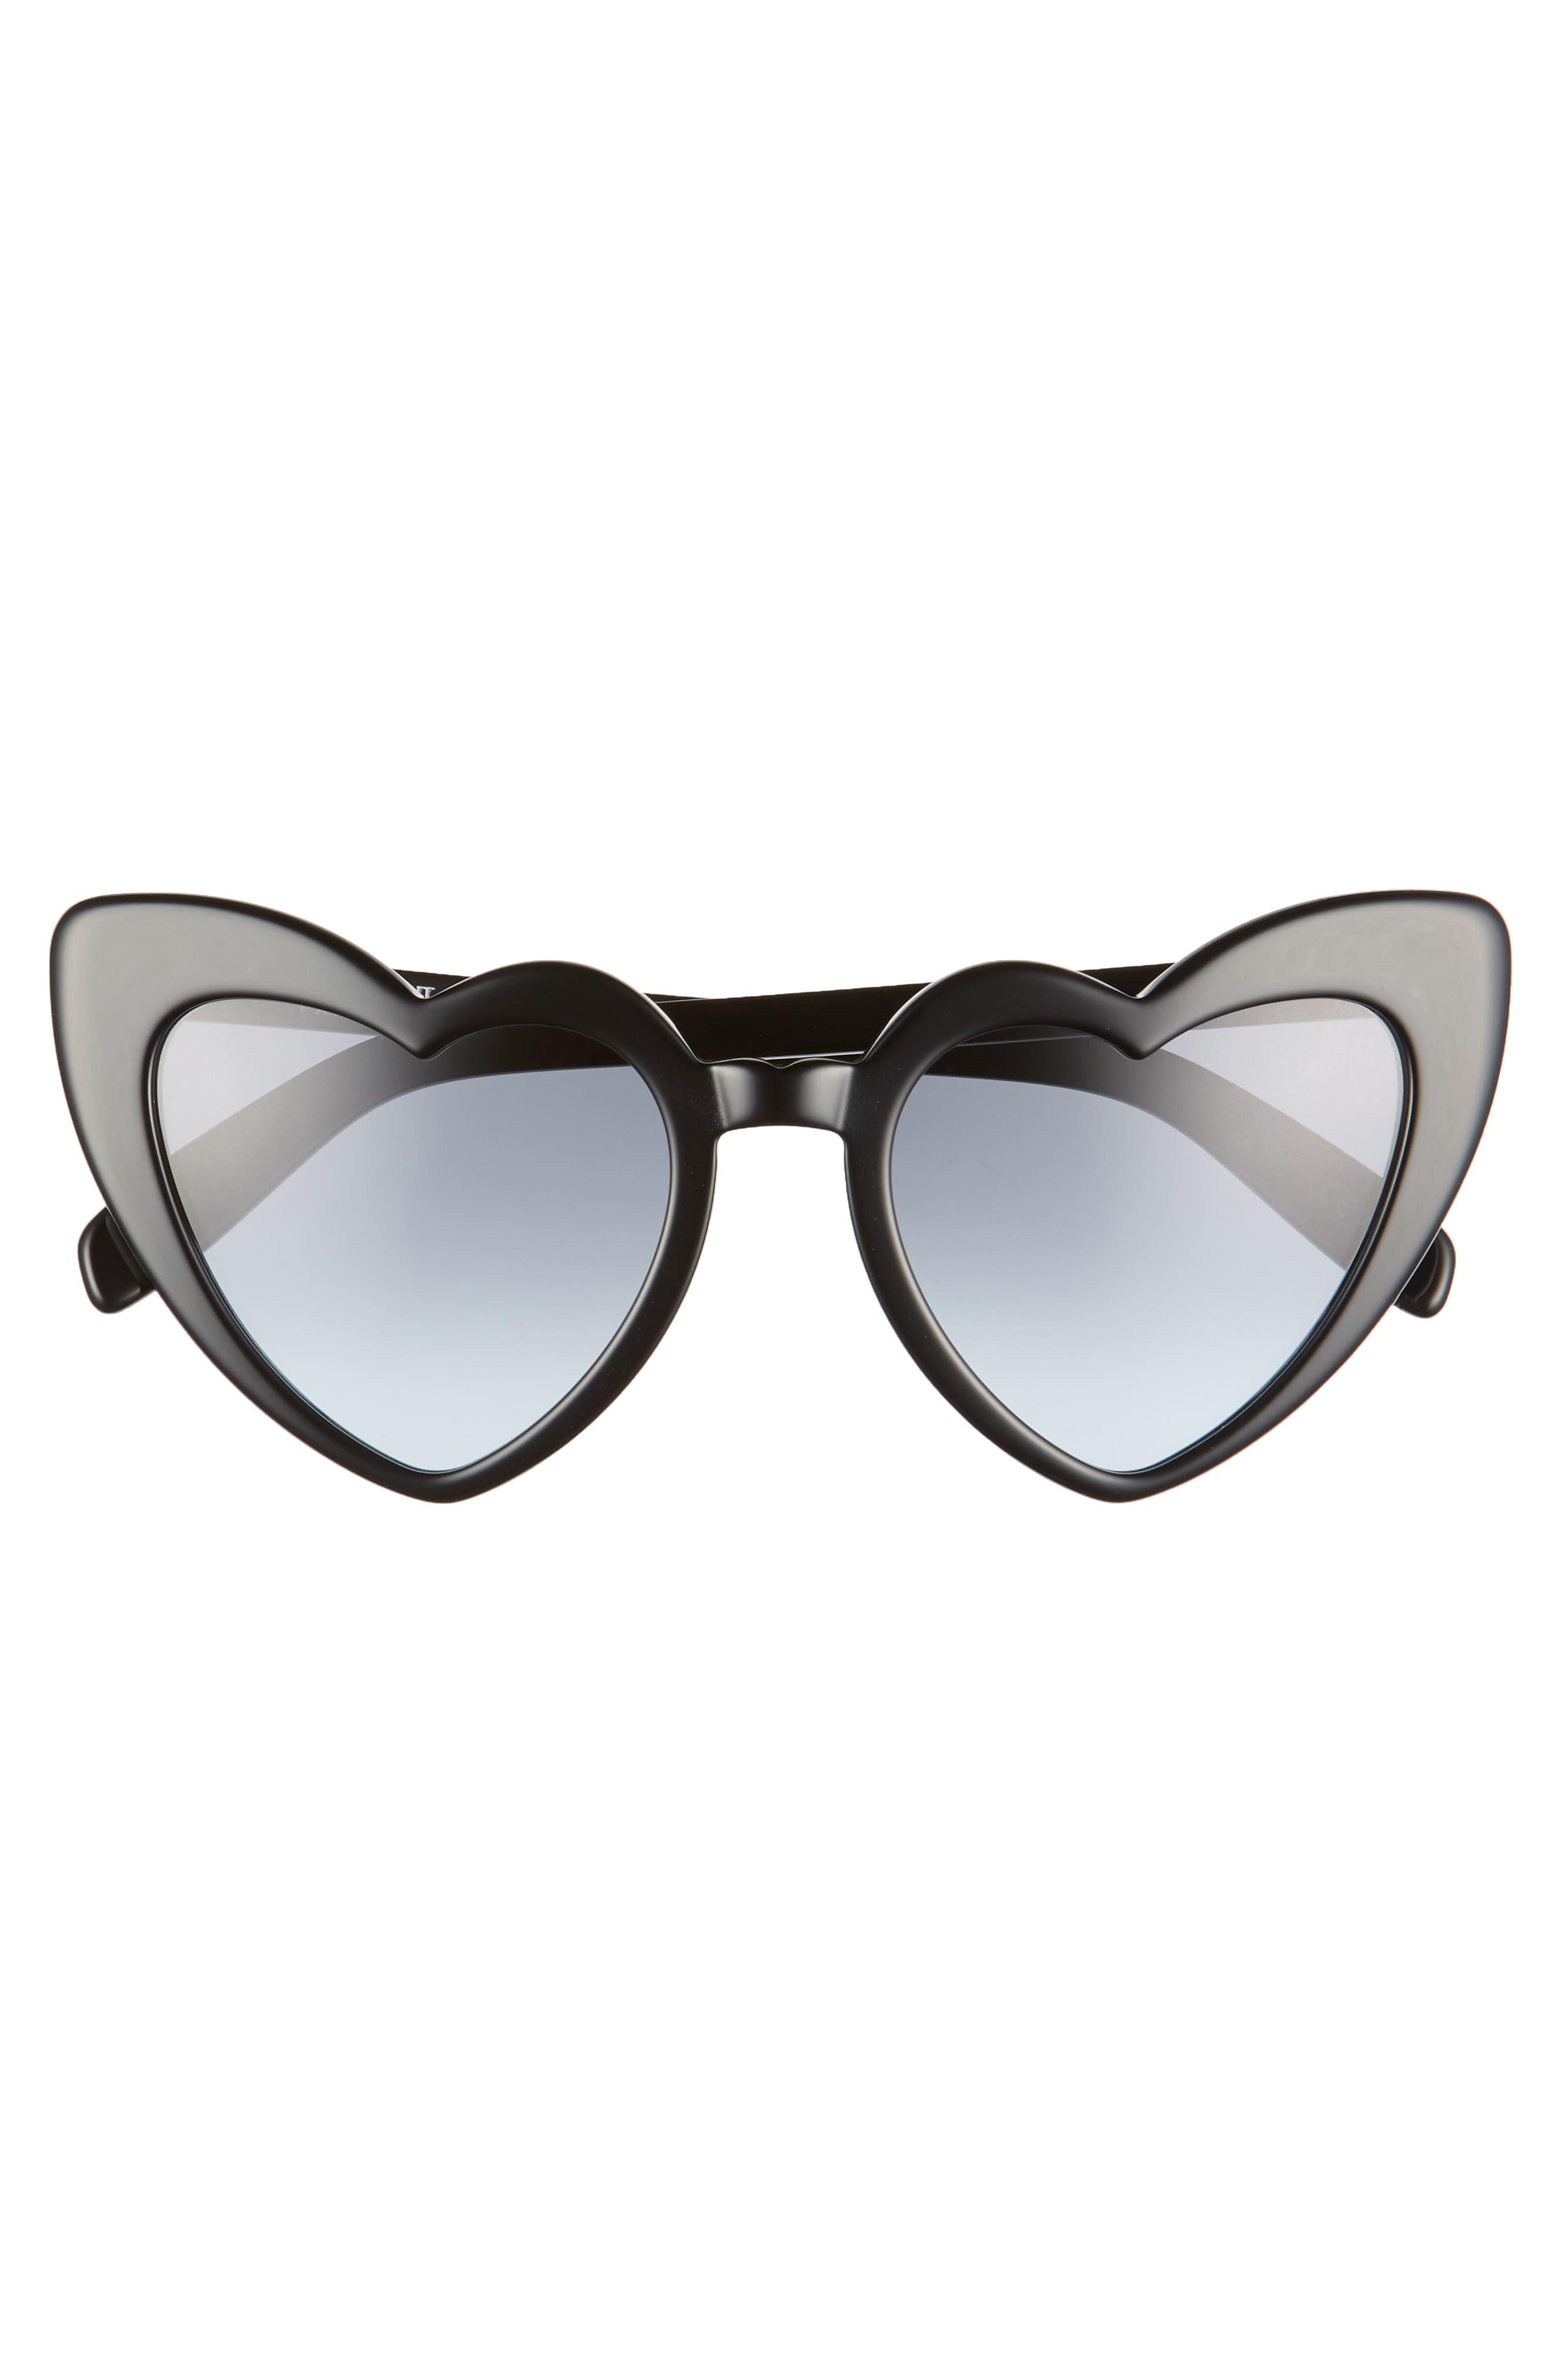 SAINT LAURENT, Loulou 54mm Heart Sunglasses, Alternate thumbnail 3, color, BLACK/ GREY BLUE GRADIENT